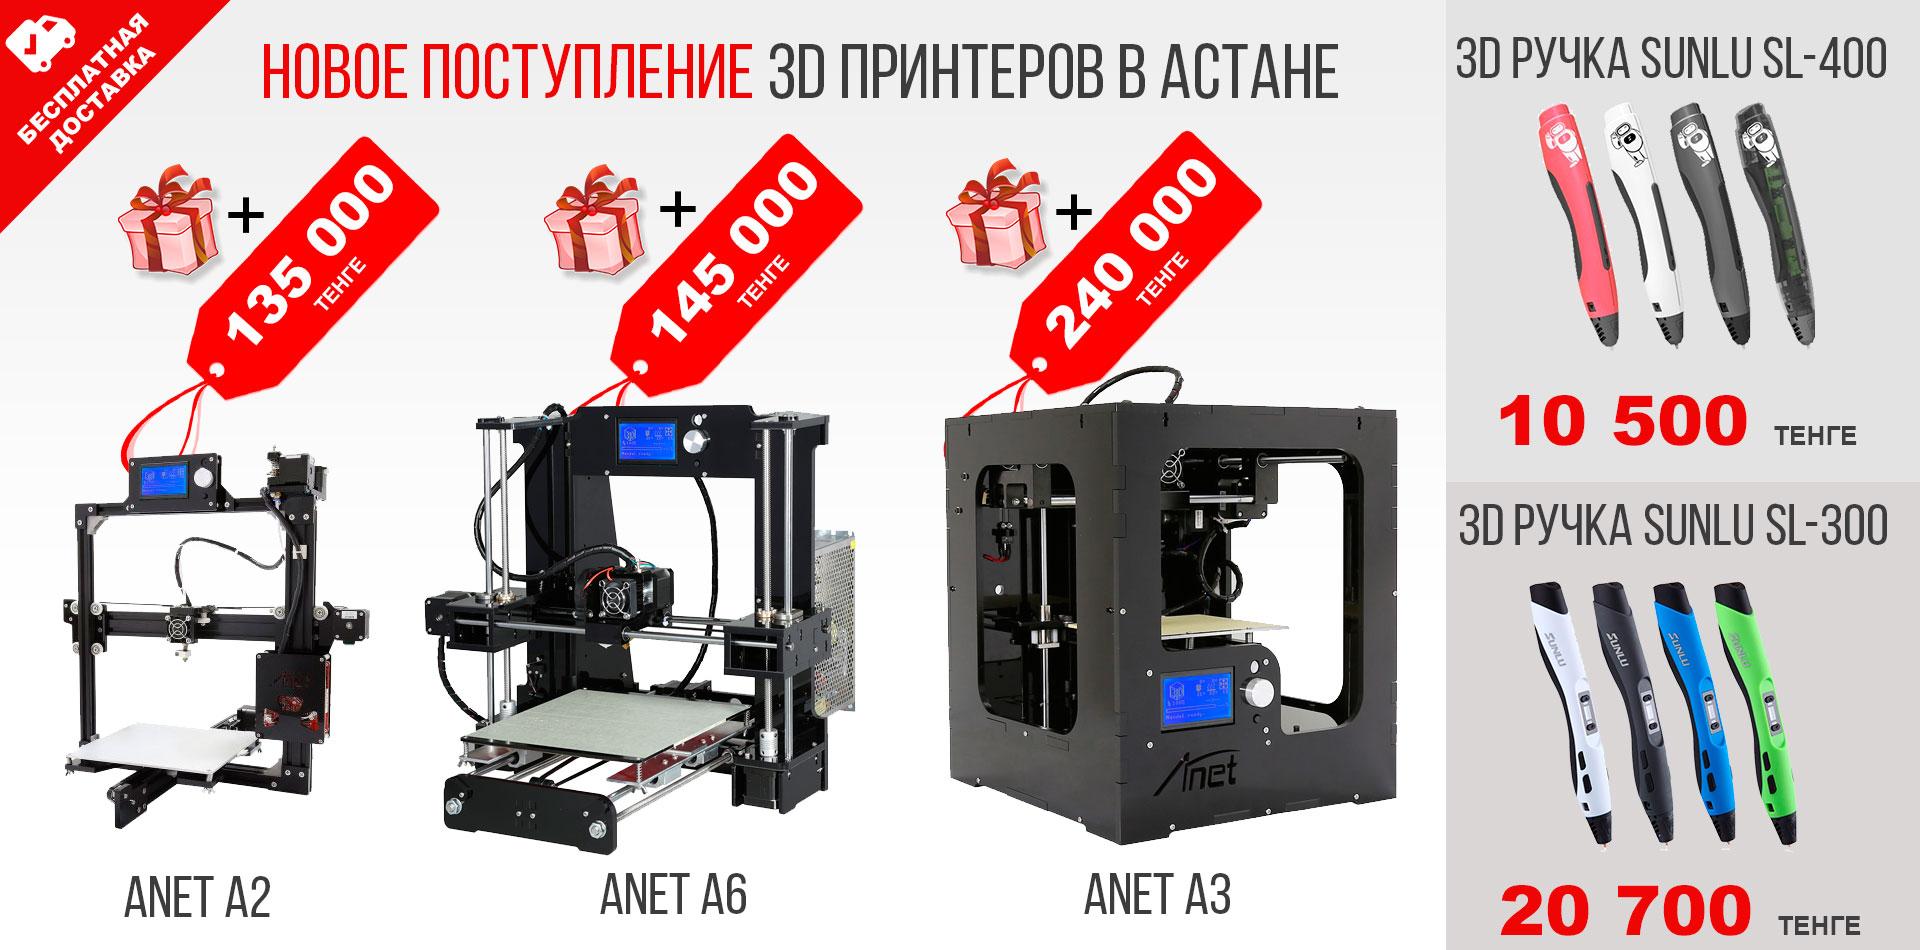 3D ПРИНТЕРЫ ANET В АСТАНЕ.